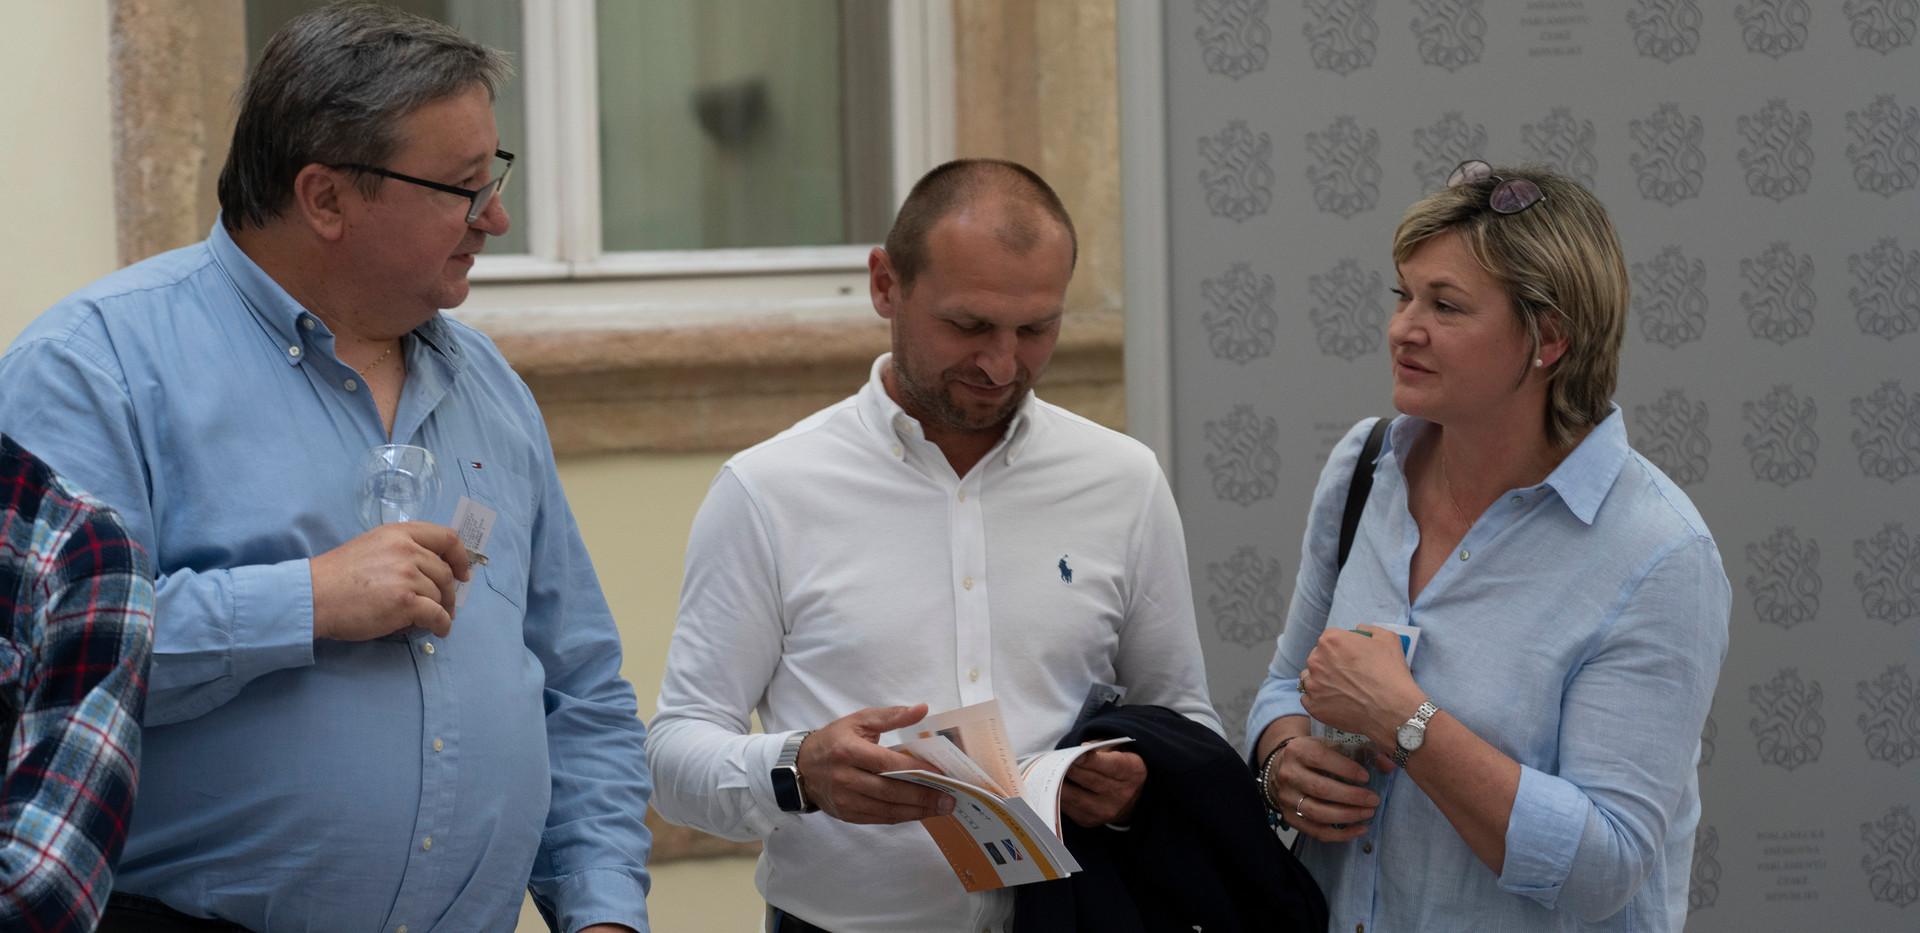 Usmev_snemovna_2020_053.jpg